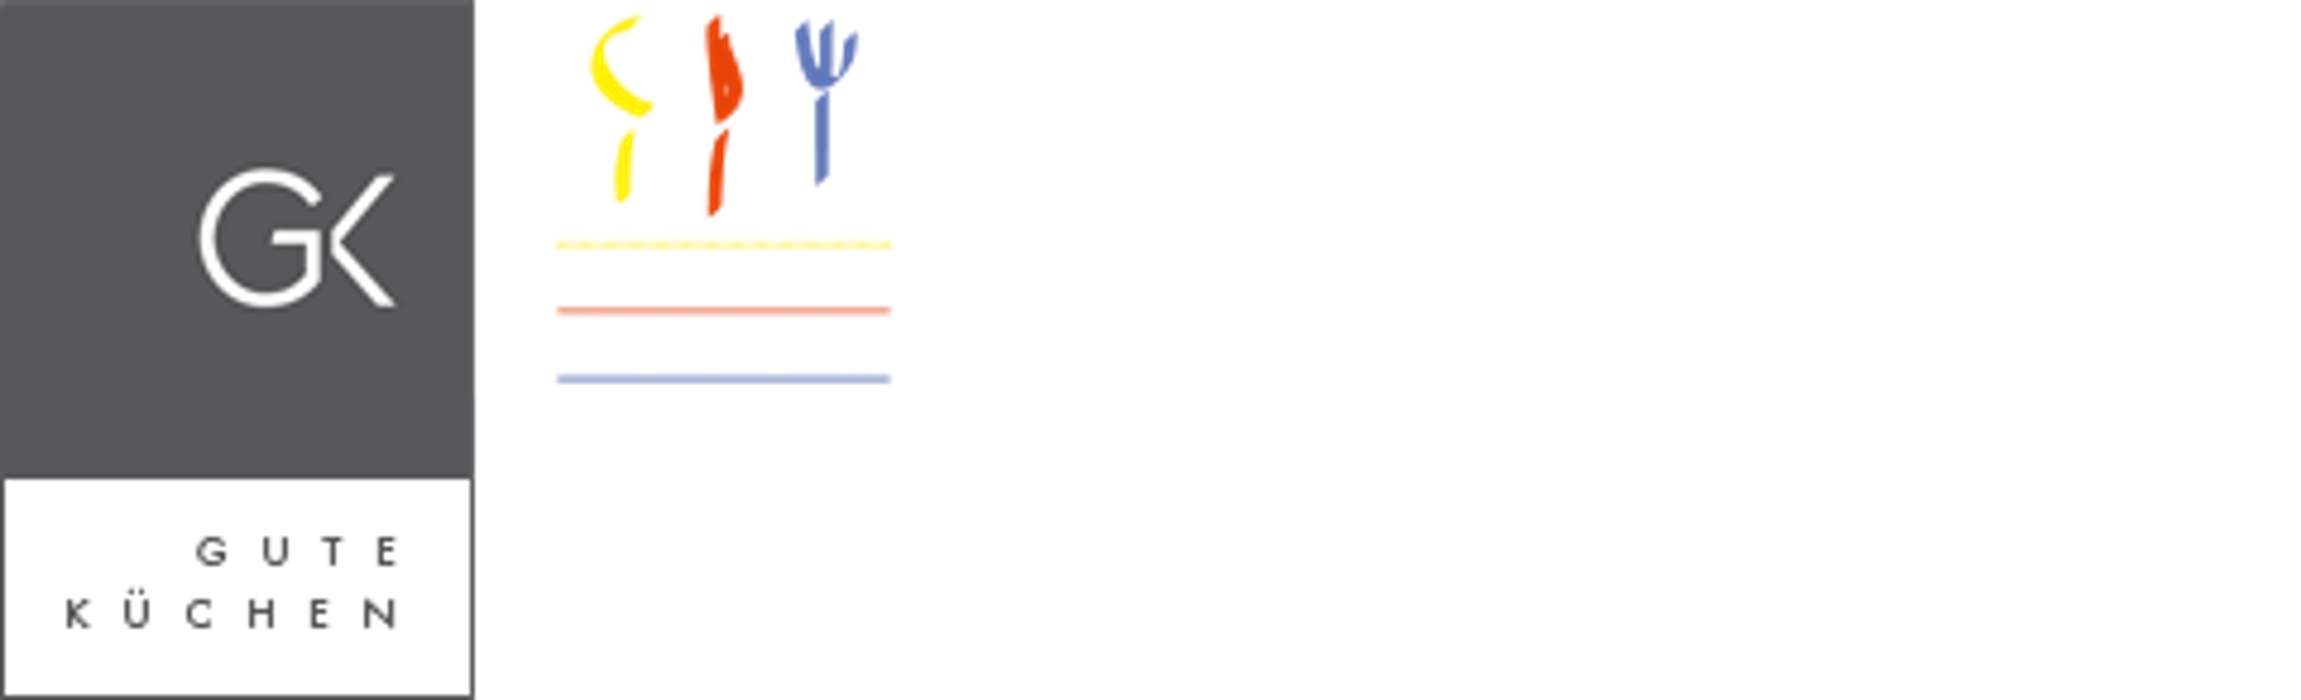 Küchenforum Ramm